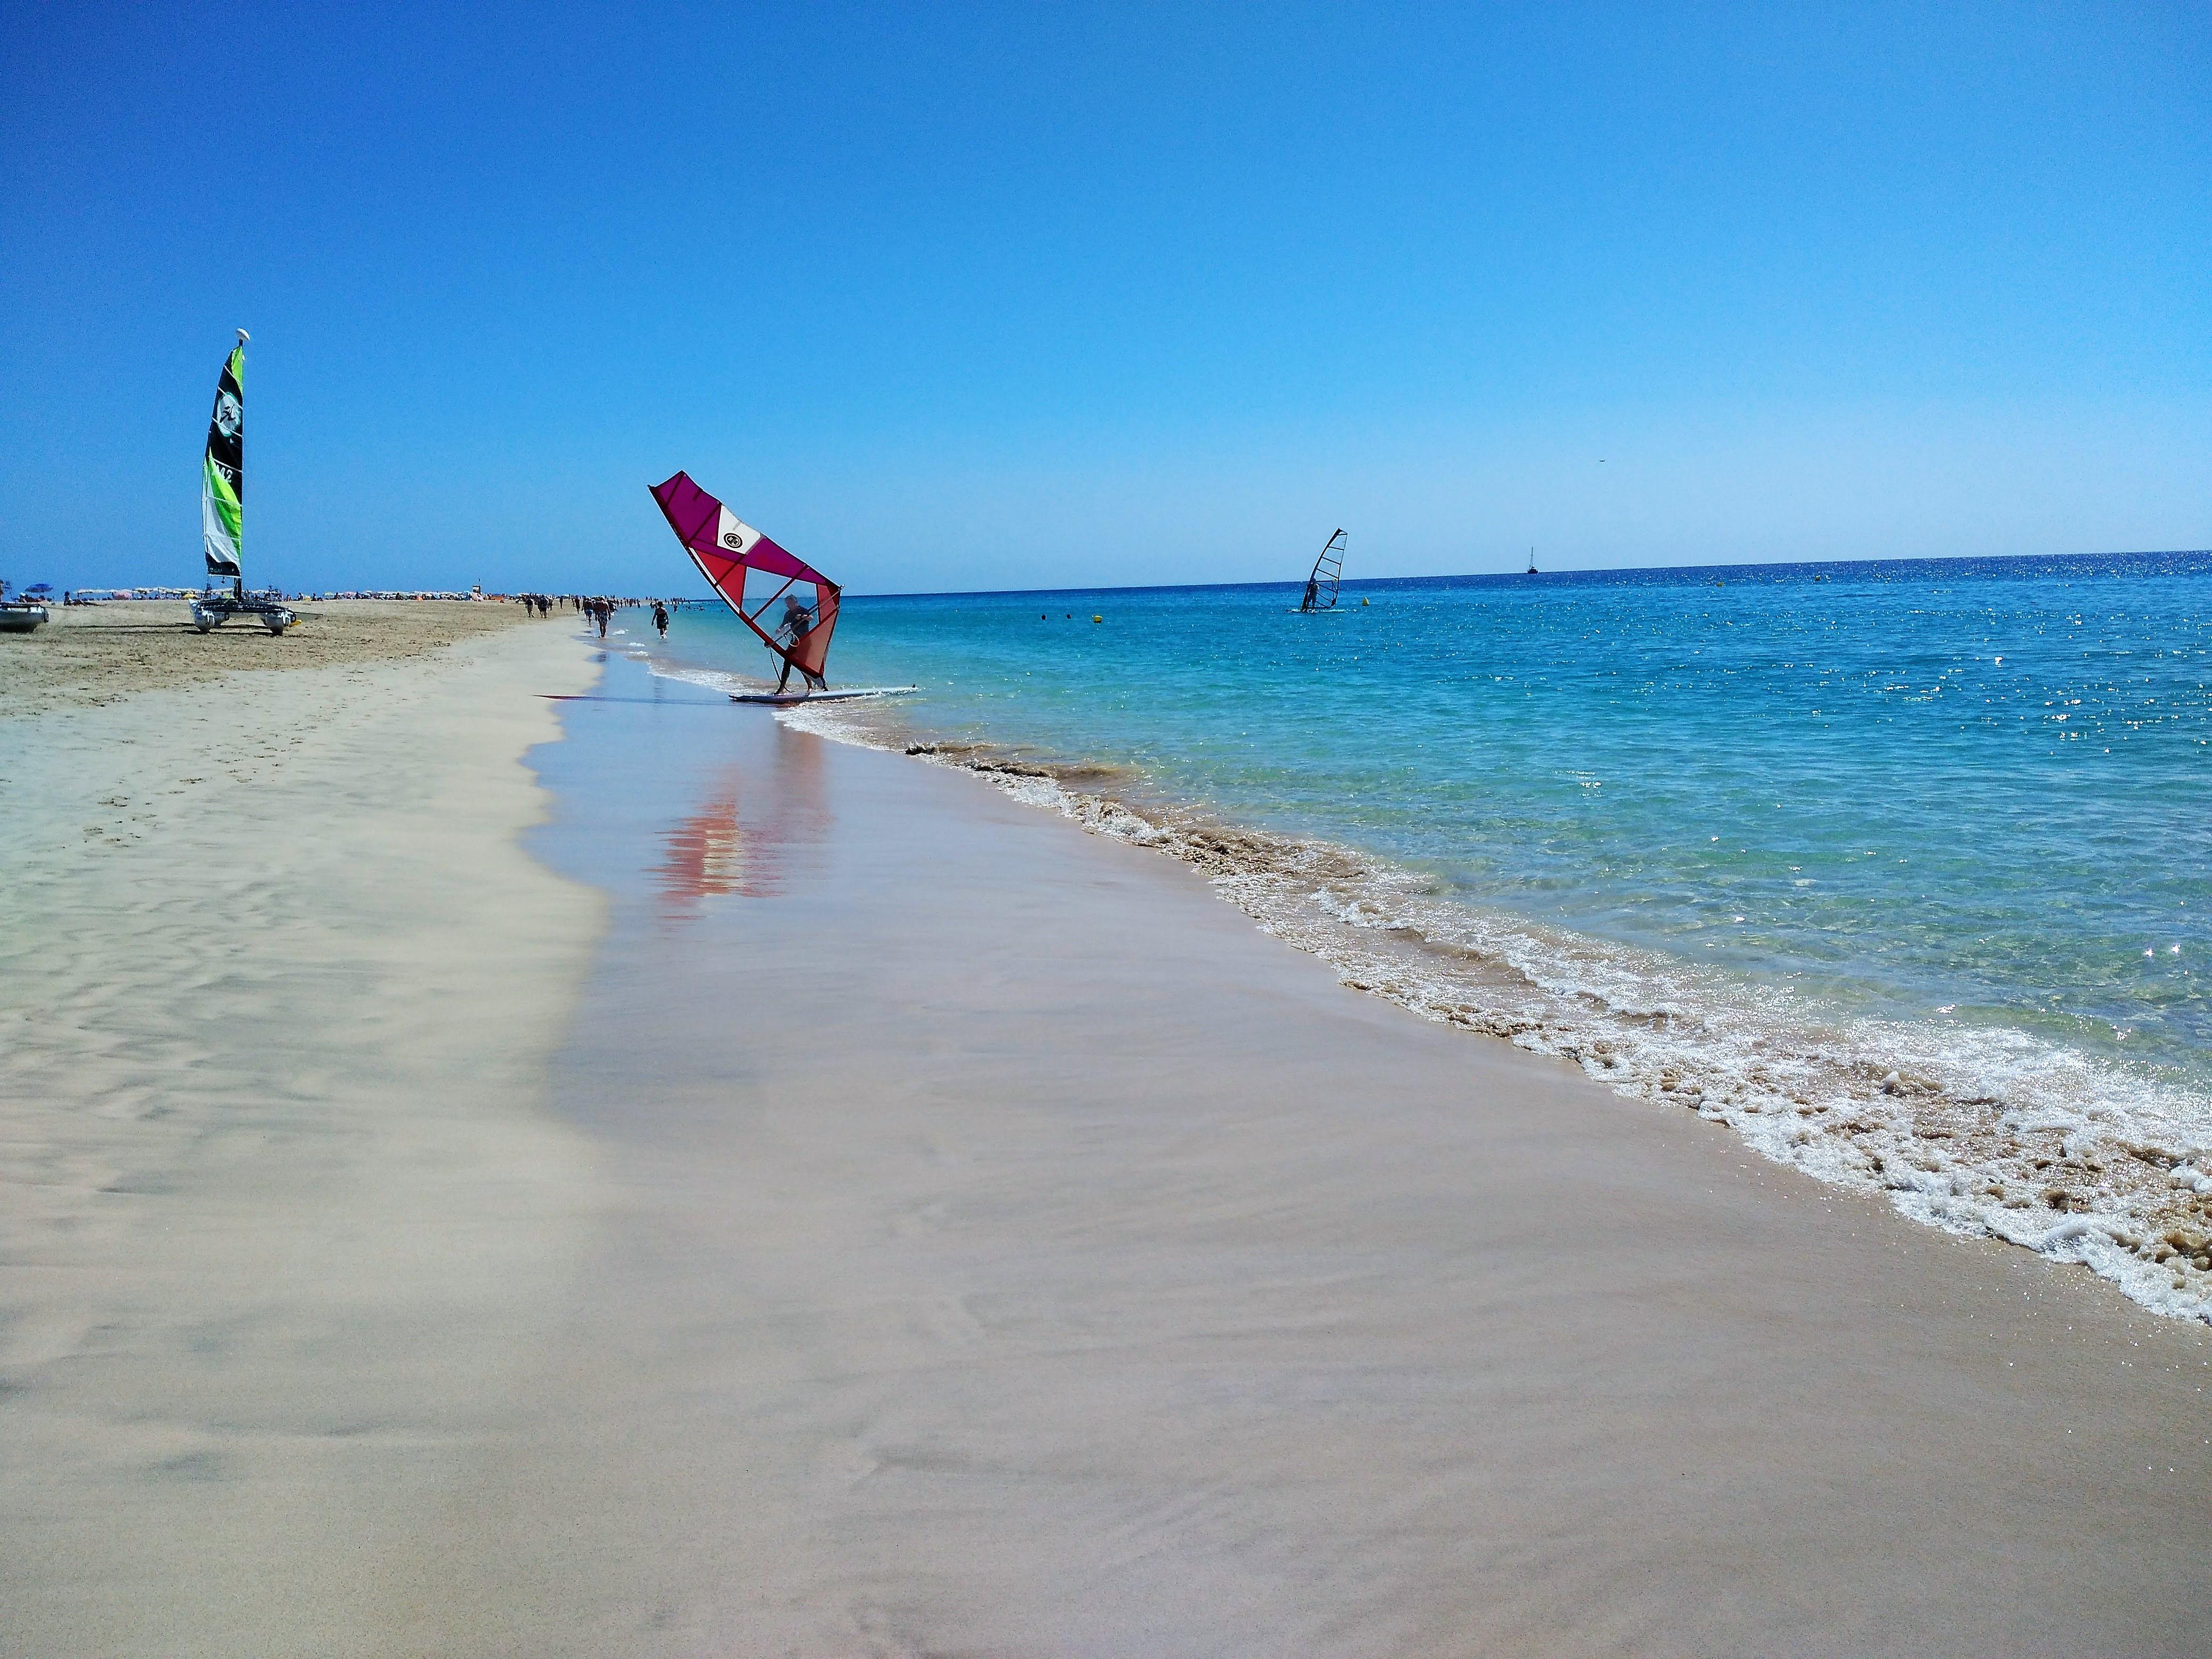 Ferienwohnung Apartment in Strandnhe mit groer Terrasse, Wlan und Parkplatz (2628896), Costa Calma, Fuerteventura, Kanarische Inseln, Spanien, Bild 27